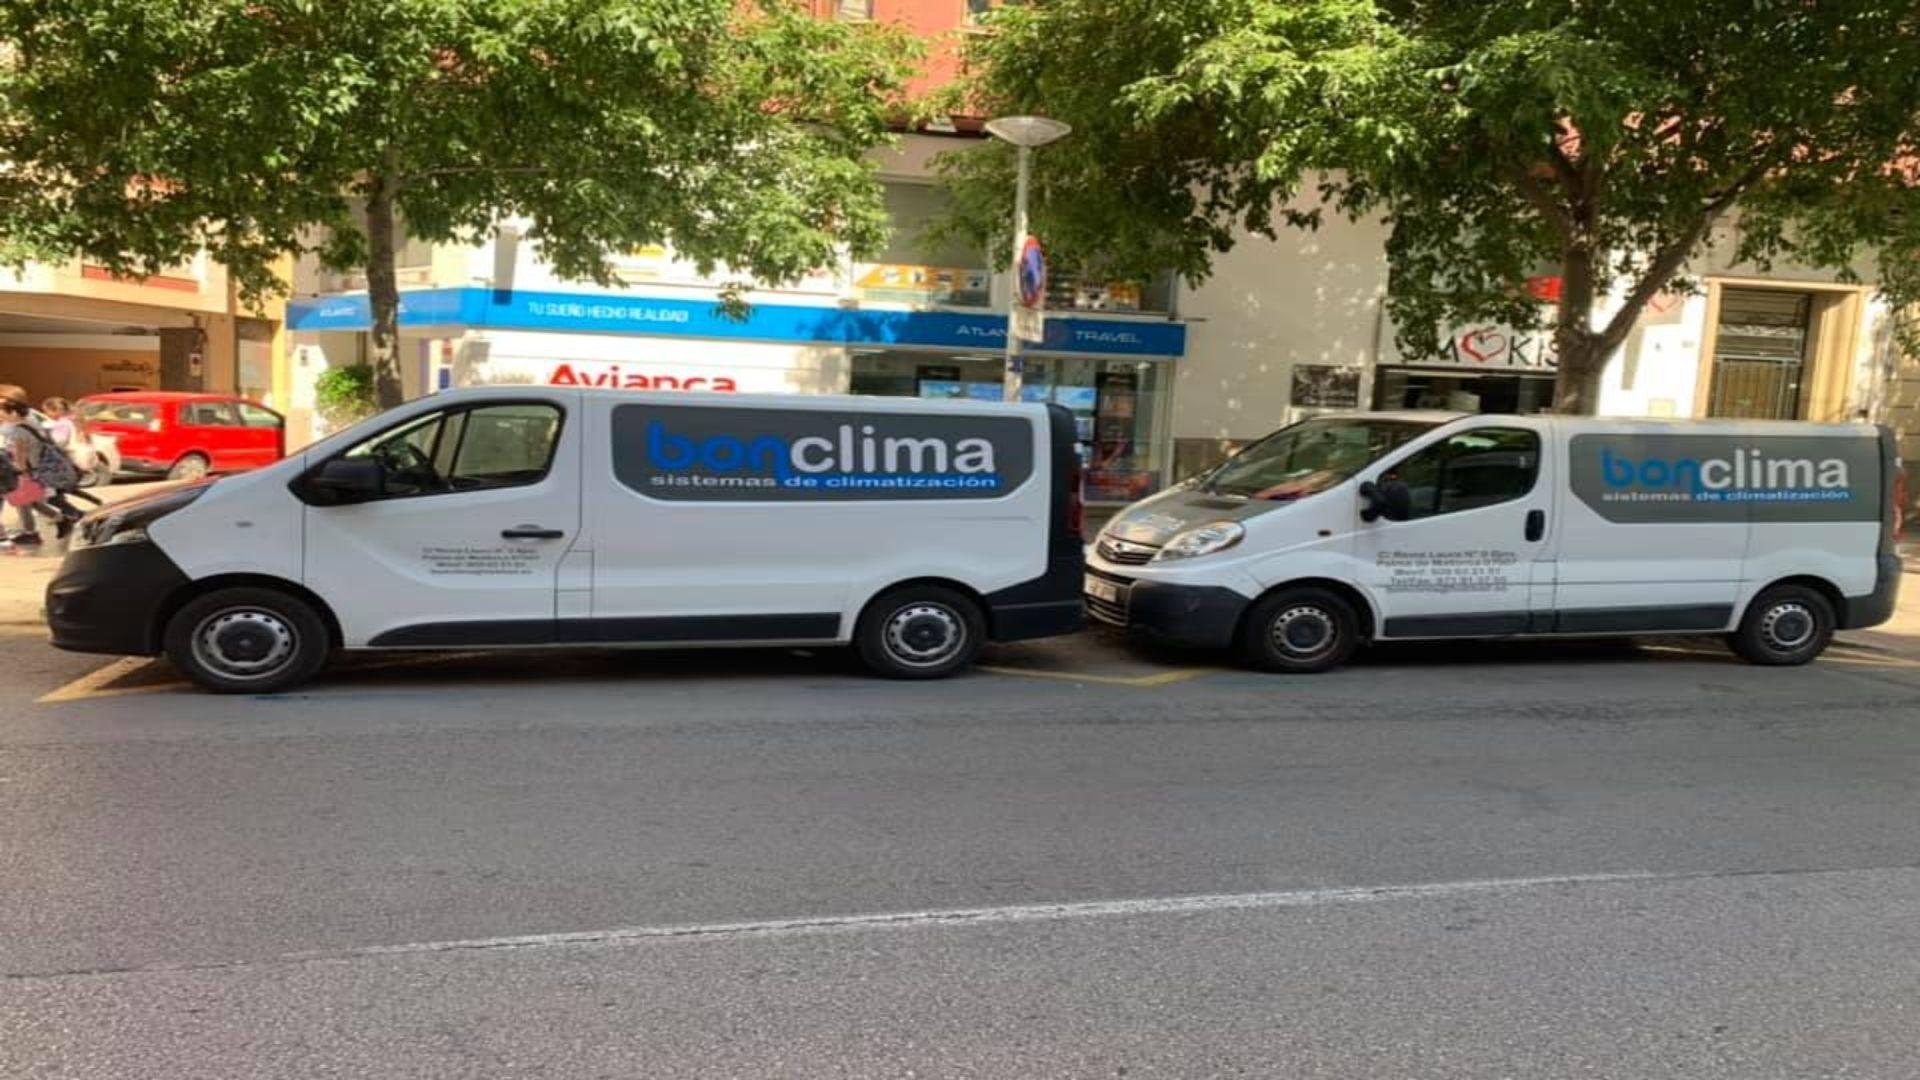 Foto 8 de Aire acondicionado en Palma de Mallorca | Bonclima Sistemas de Climatización